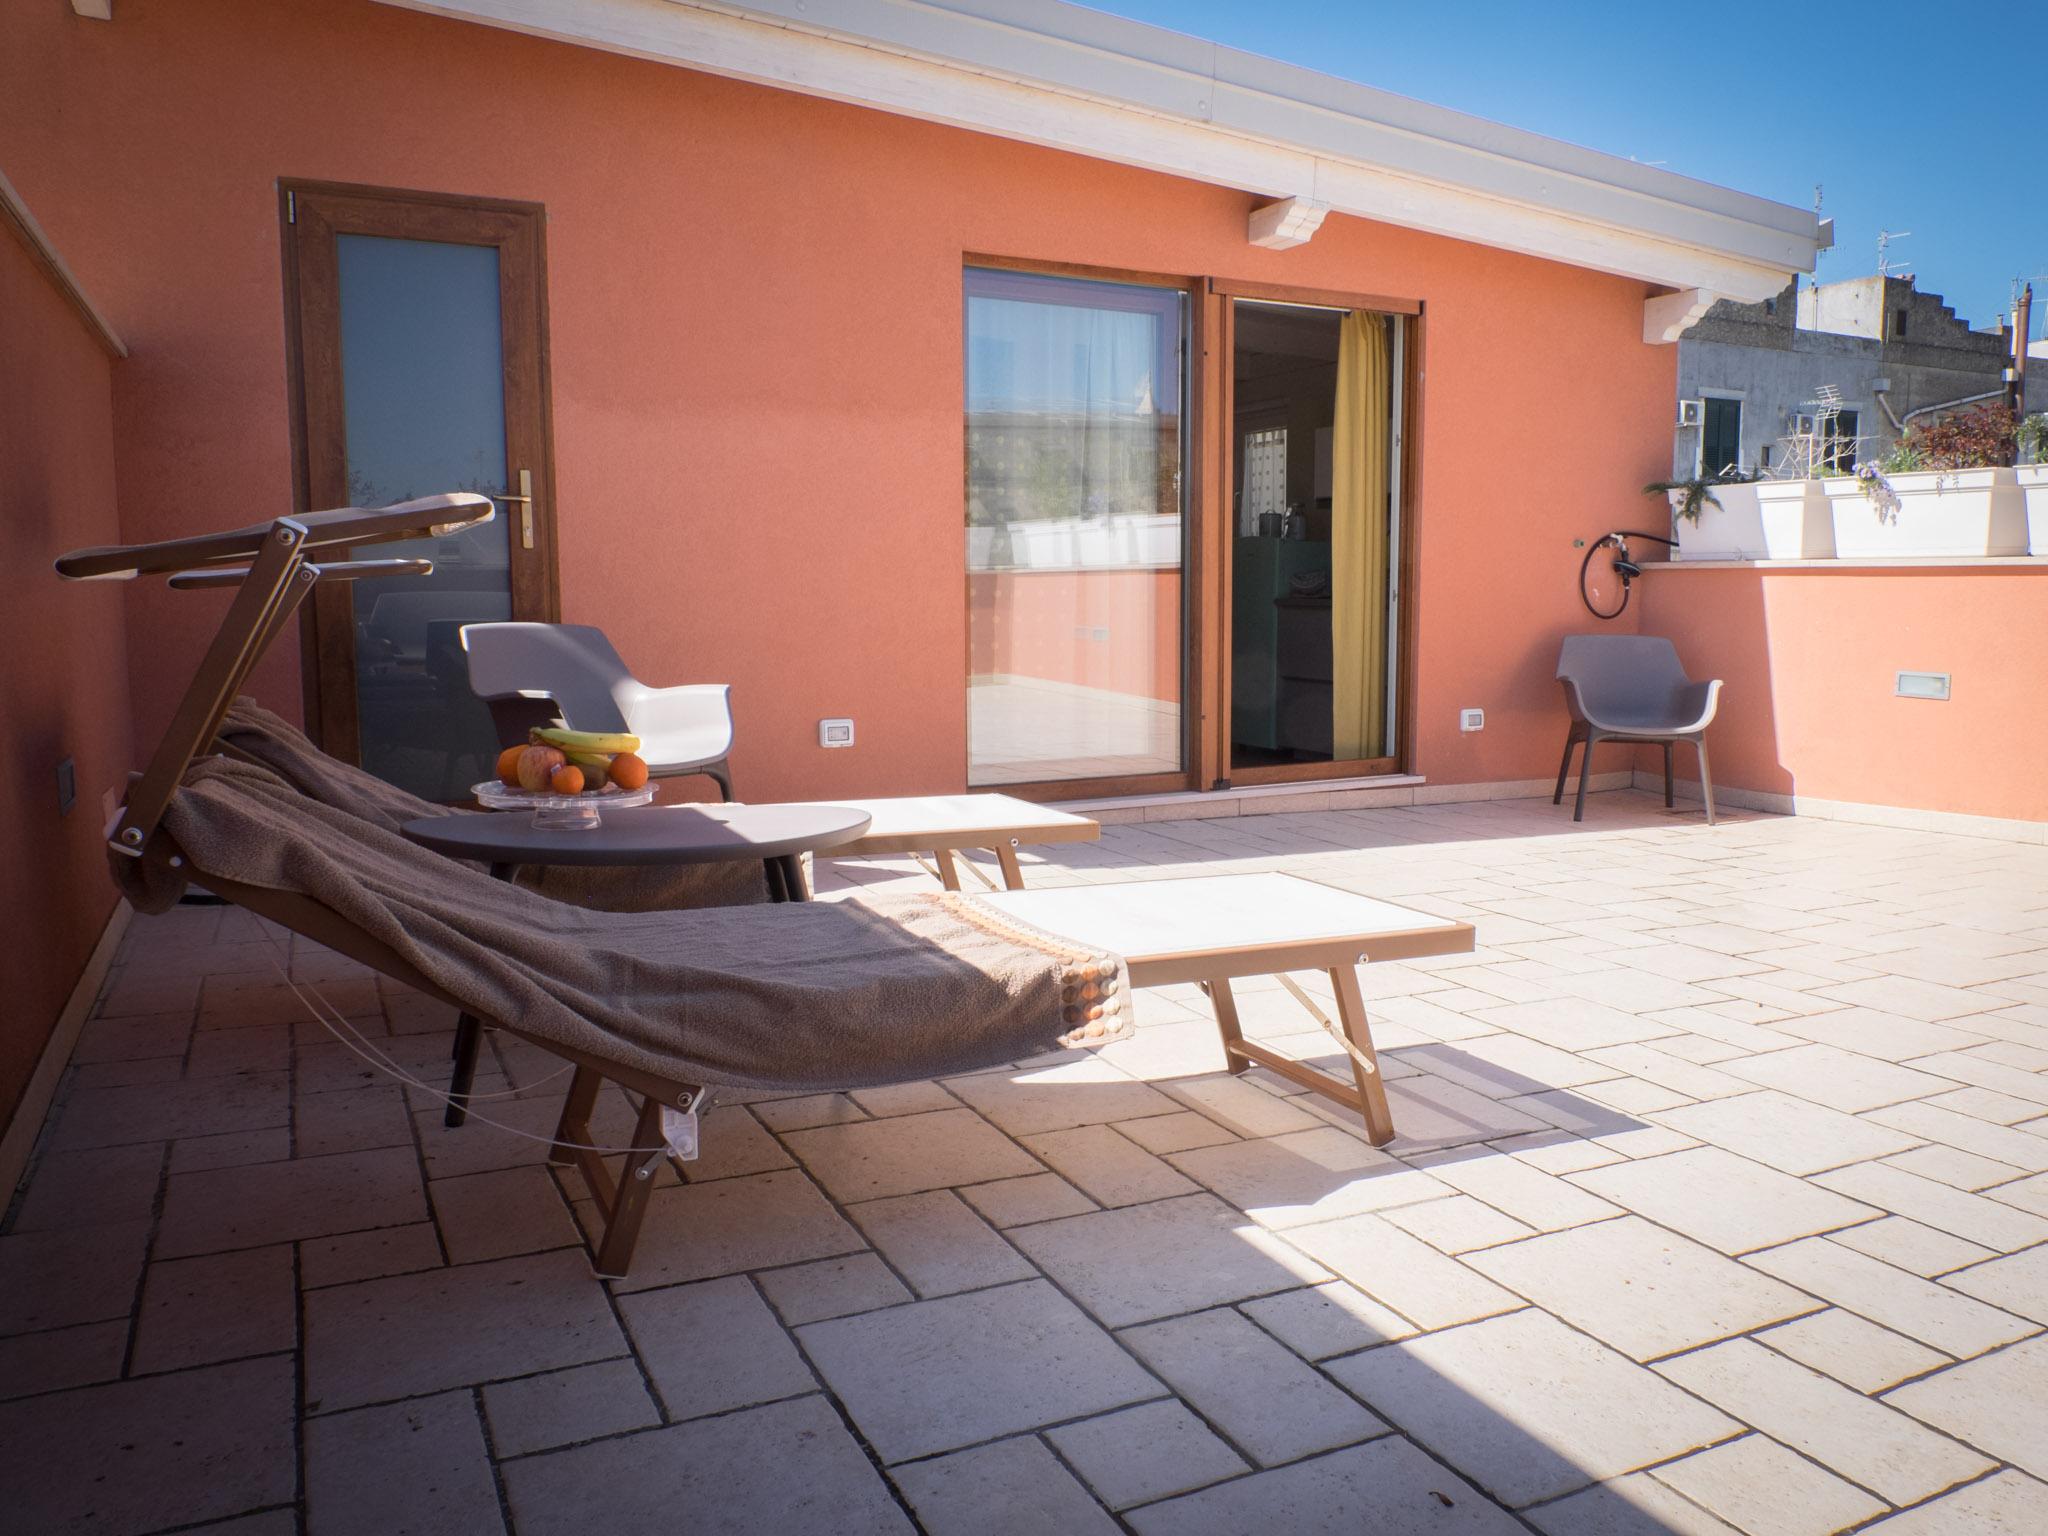 sanniti apartments la-casa-dei-nonni-casa-vacanze-bb-camere-dormire-sassi-di-matera-basilicata-13